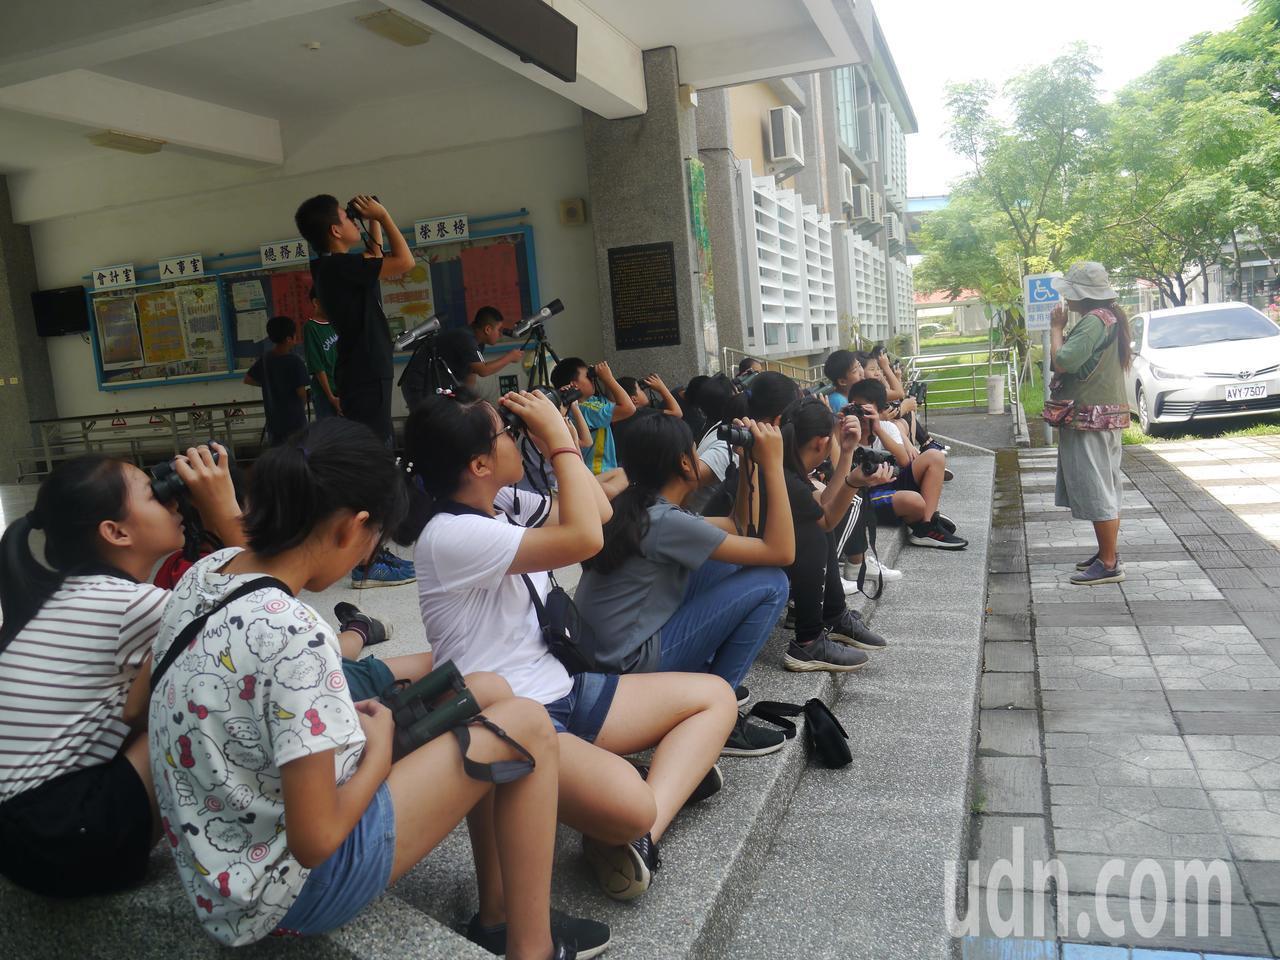 賞鳥課,學生用望遠鏡觀察樹上鳥兒動態。記者徐白櫻/攝影